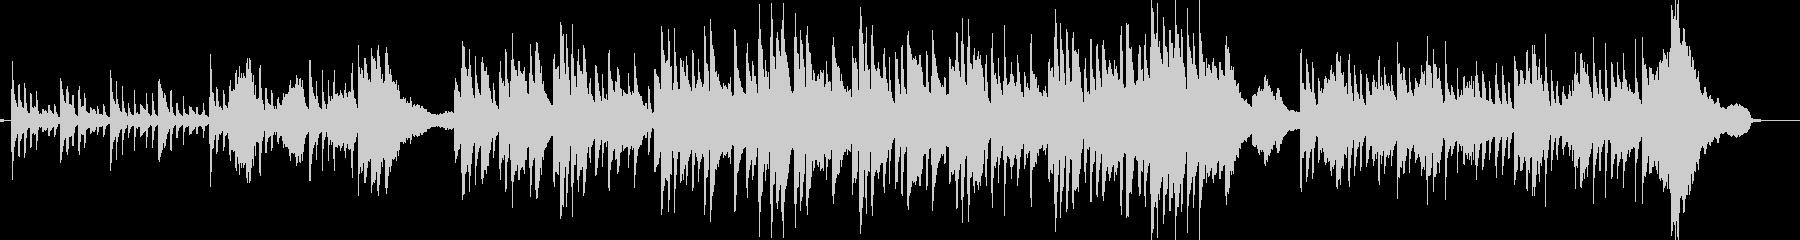 静かなピアノ・ヴァイオリン・アコギの楽曲の未再生の波形